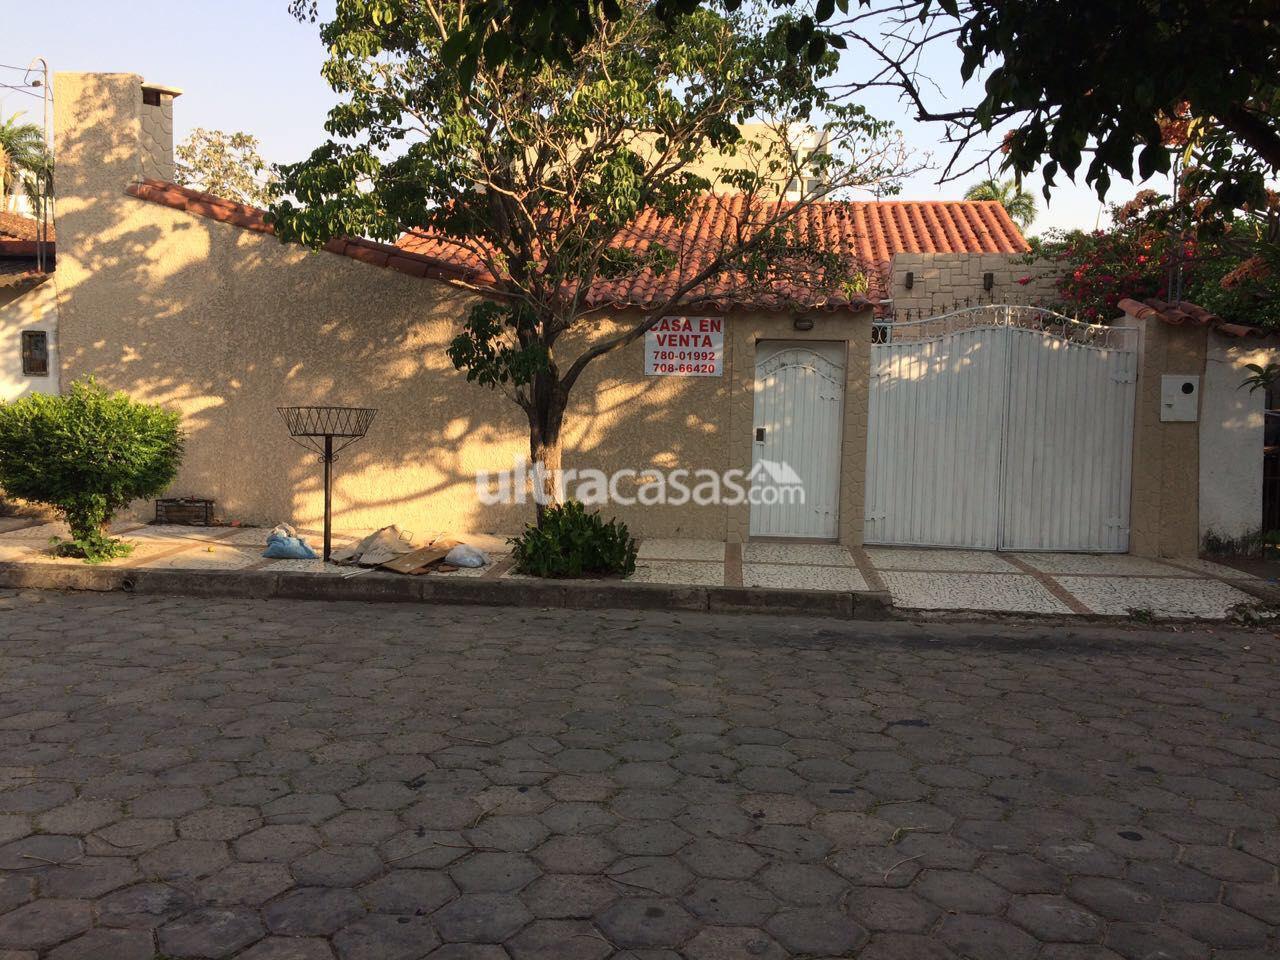 Casa en Venta BARRIO URBARI CASA EN VENTA Foto 1